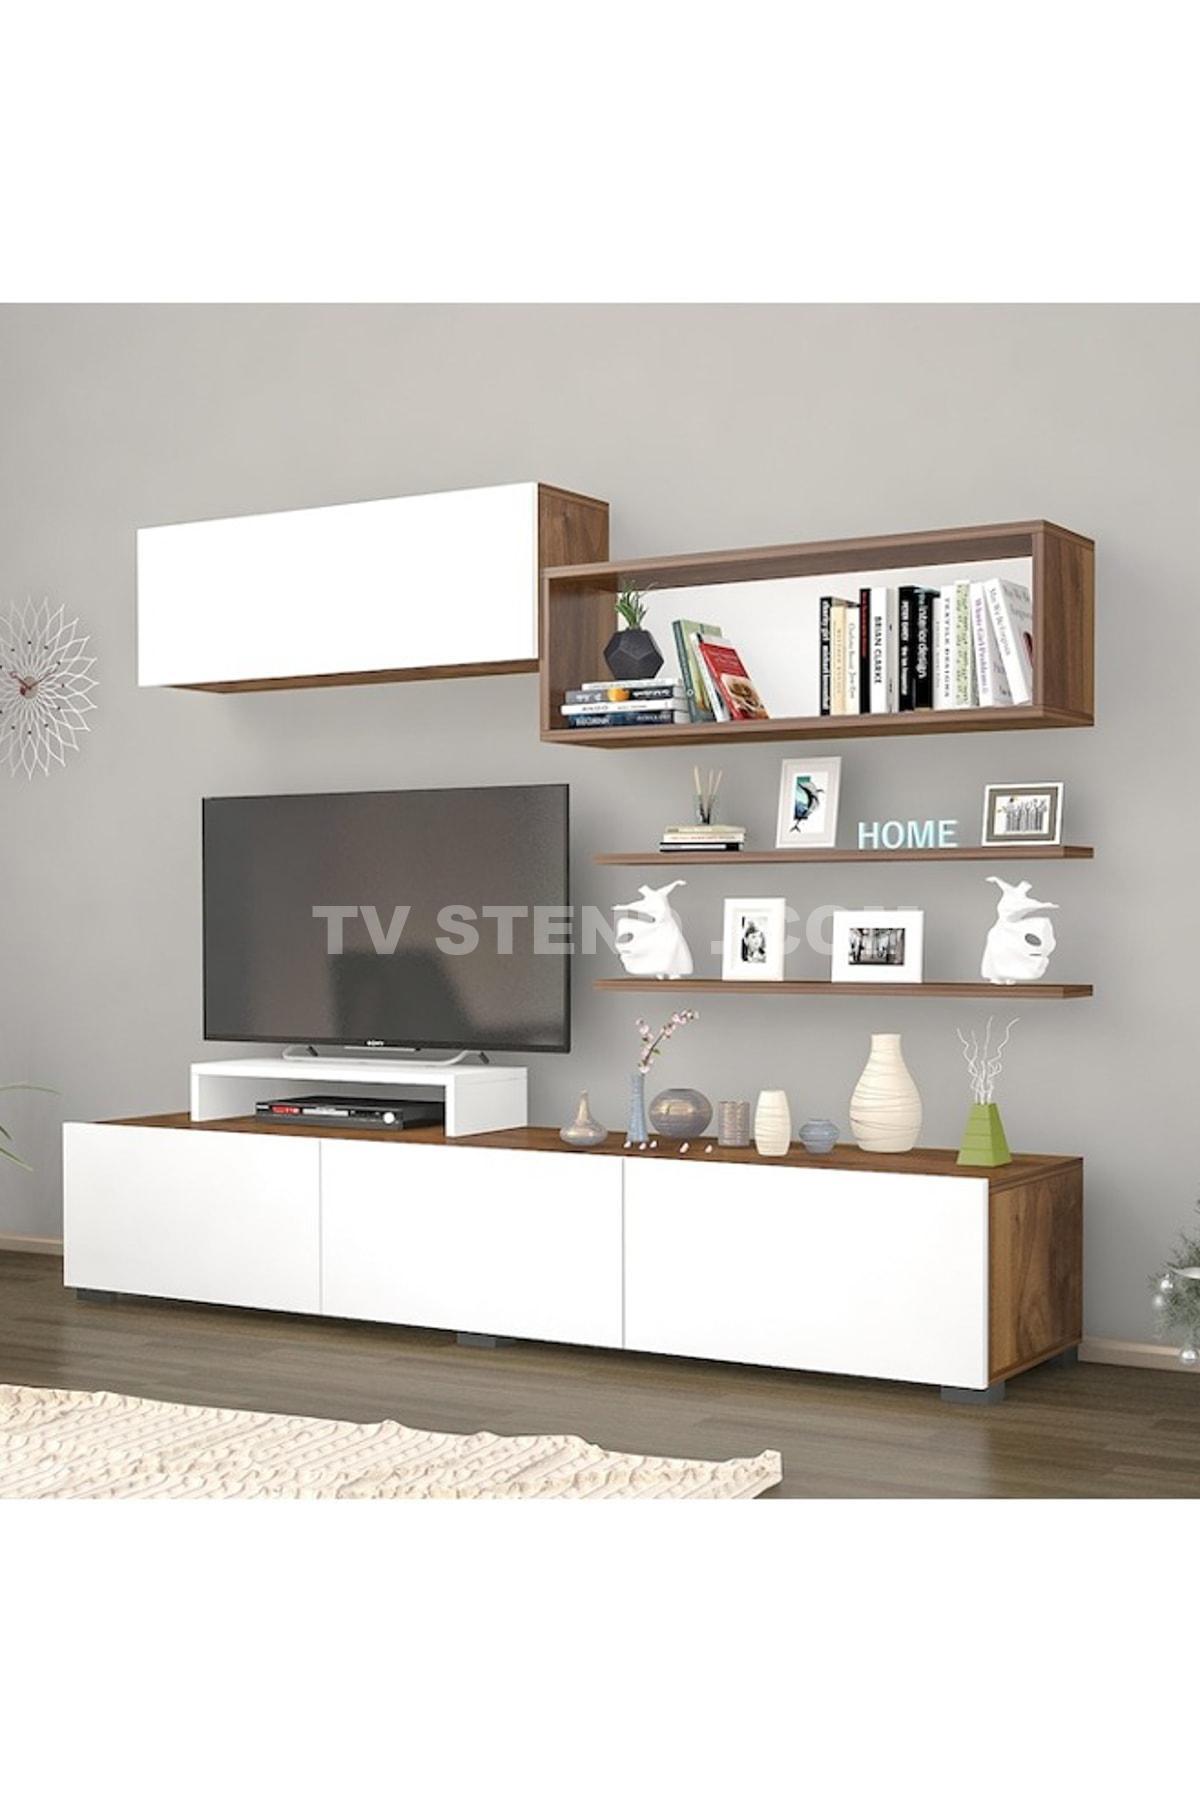 Haus Modüler tv stend